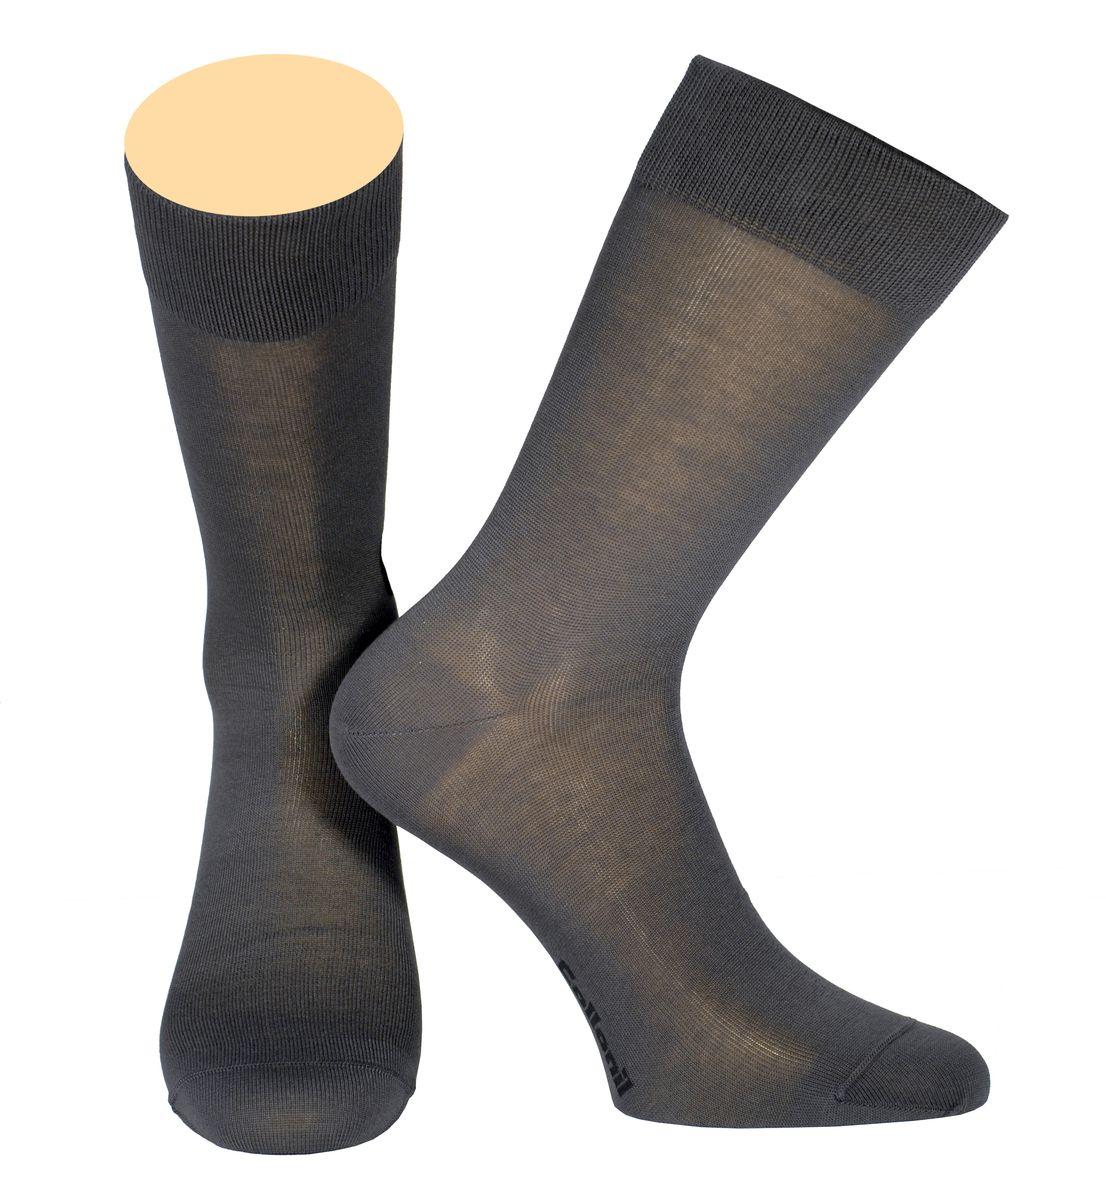 Носки мужские Collonil, цвет: темно-серый. 142/32. Размер 42-43142/32Мужские носки Collonil изготовлены из мерсеризованного хлопка.Носки с удлиненным паголенком. Широкая резинка не сдавливает и комфортно облегает ногу.